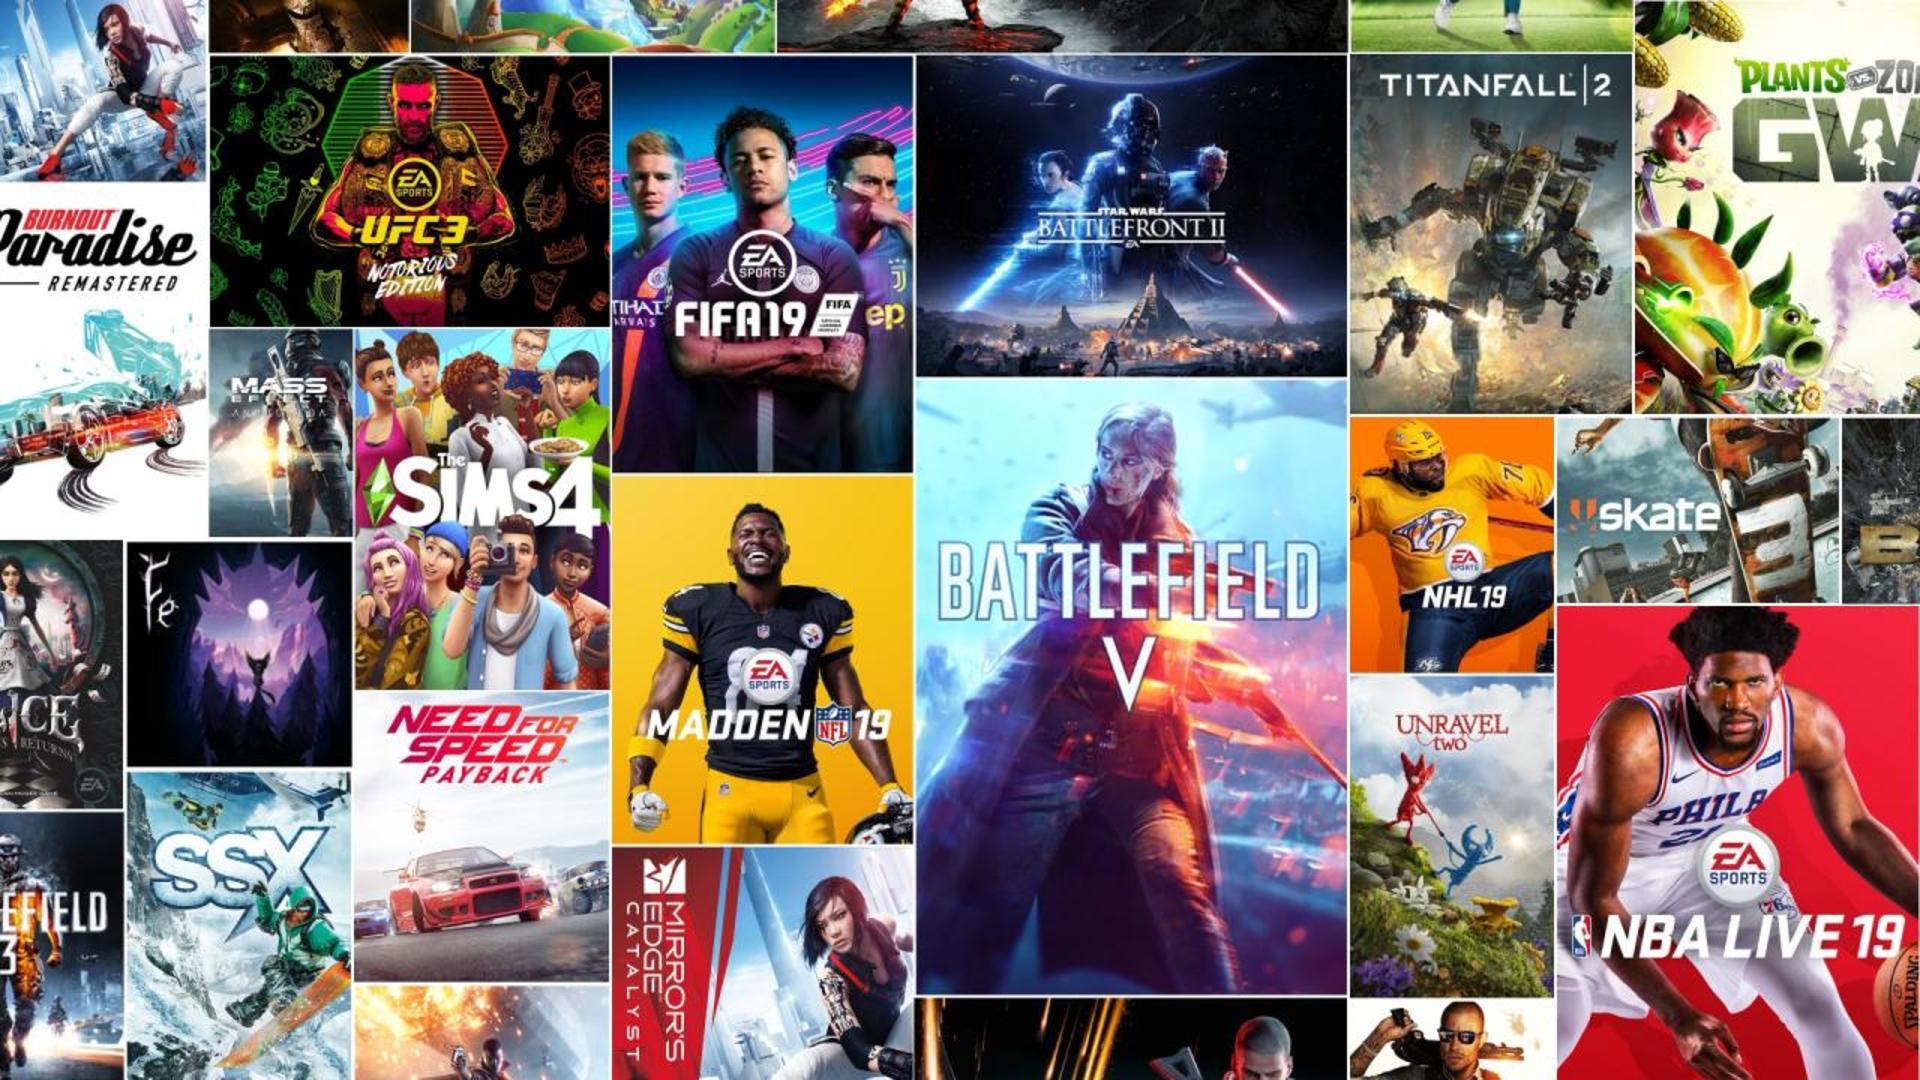 Electronic Arts - Plants vs. Zombies, Battlefield, Titanfall en Oferta en Amazon